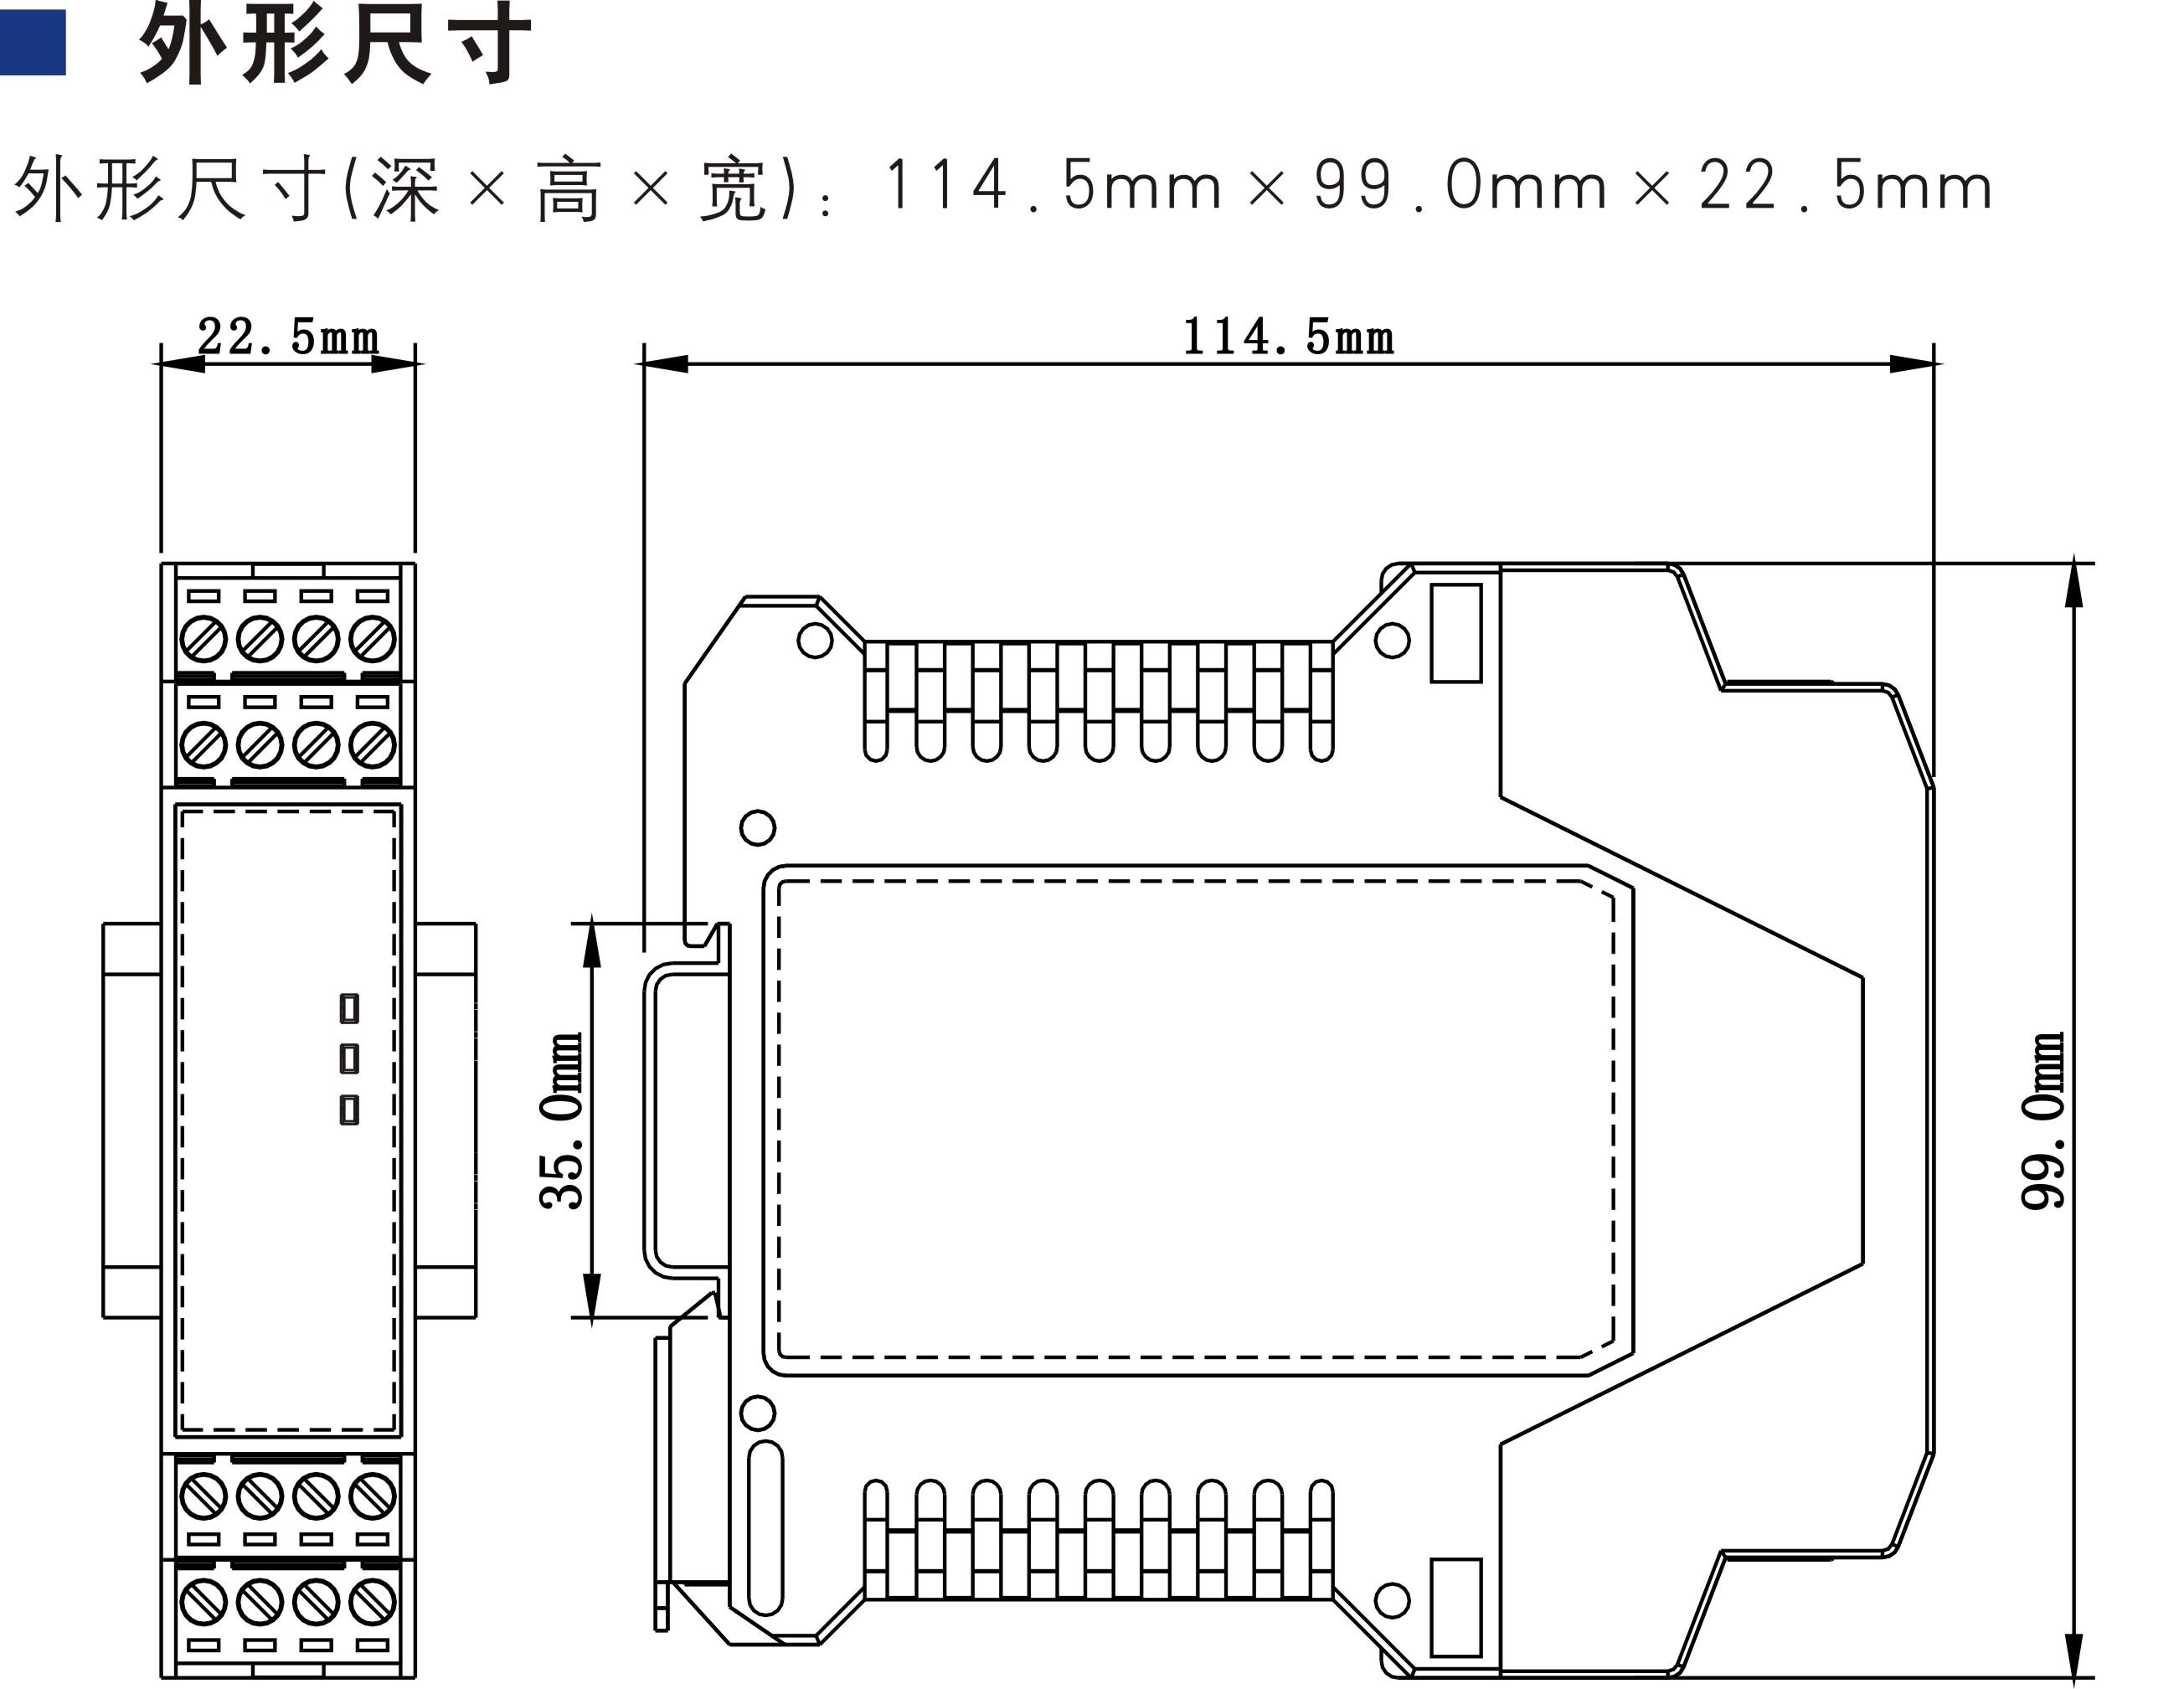 開關型安全設備輸入 (急停按鈕/安全門 24V DC/AC 3NO+1NC 受監控的手動復位)